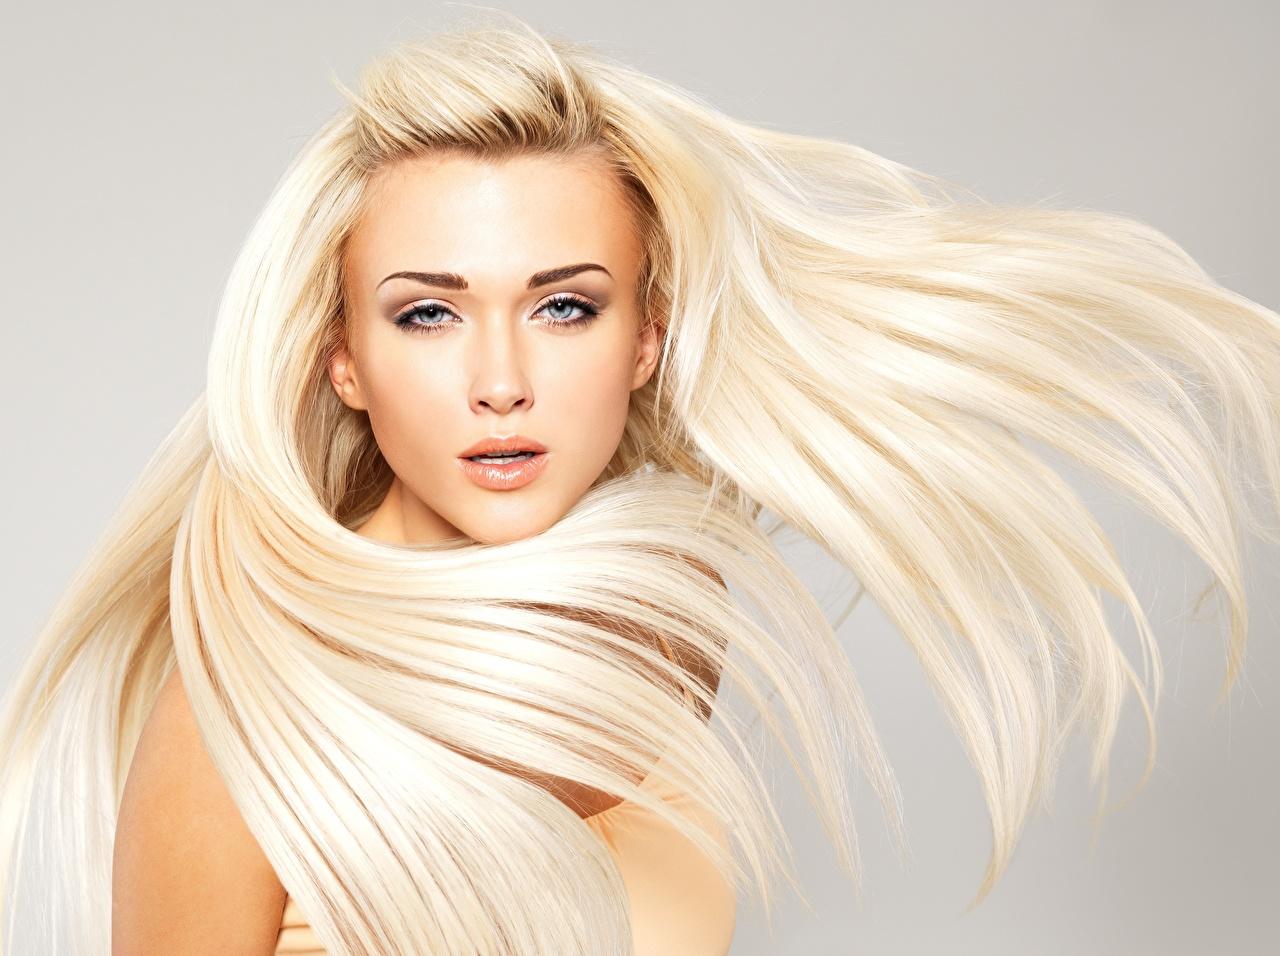 Картинка Блондинка фотомодель красивая прически волос Девушки смотрит блондинок блондинки Модель красивый Красивые Причёска Волосы девушка молодые женщины молодая женщина Взгляд смотрят